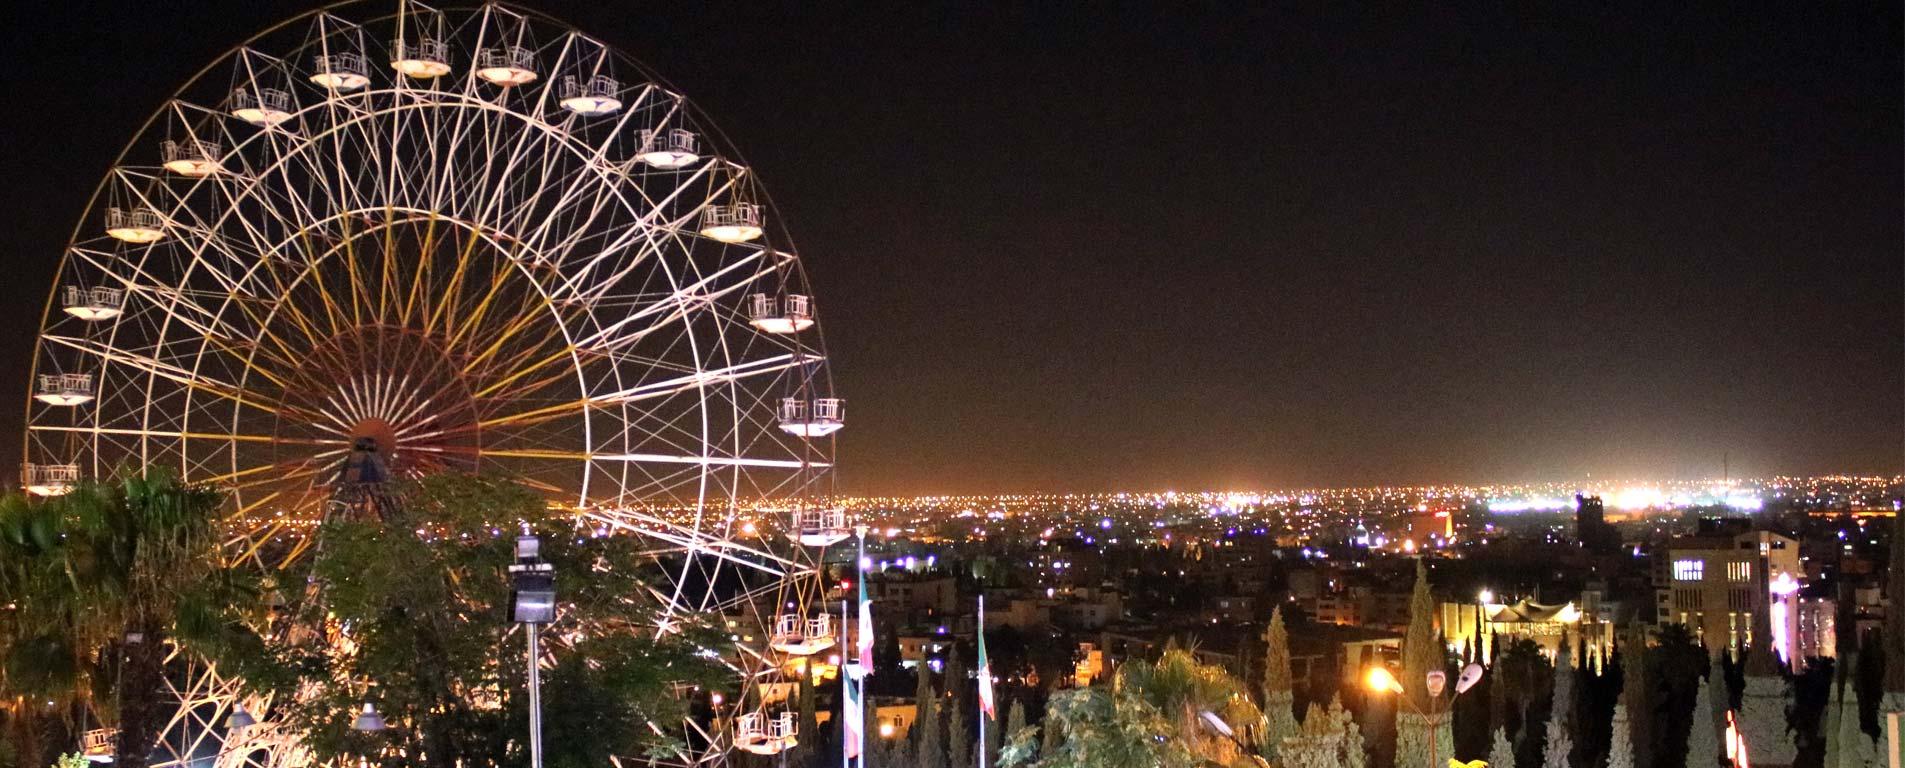 مراکز تفریحی شیراز ، تفریح و خوشگذرانی در شهر پارسی